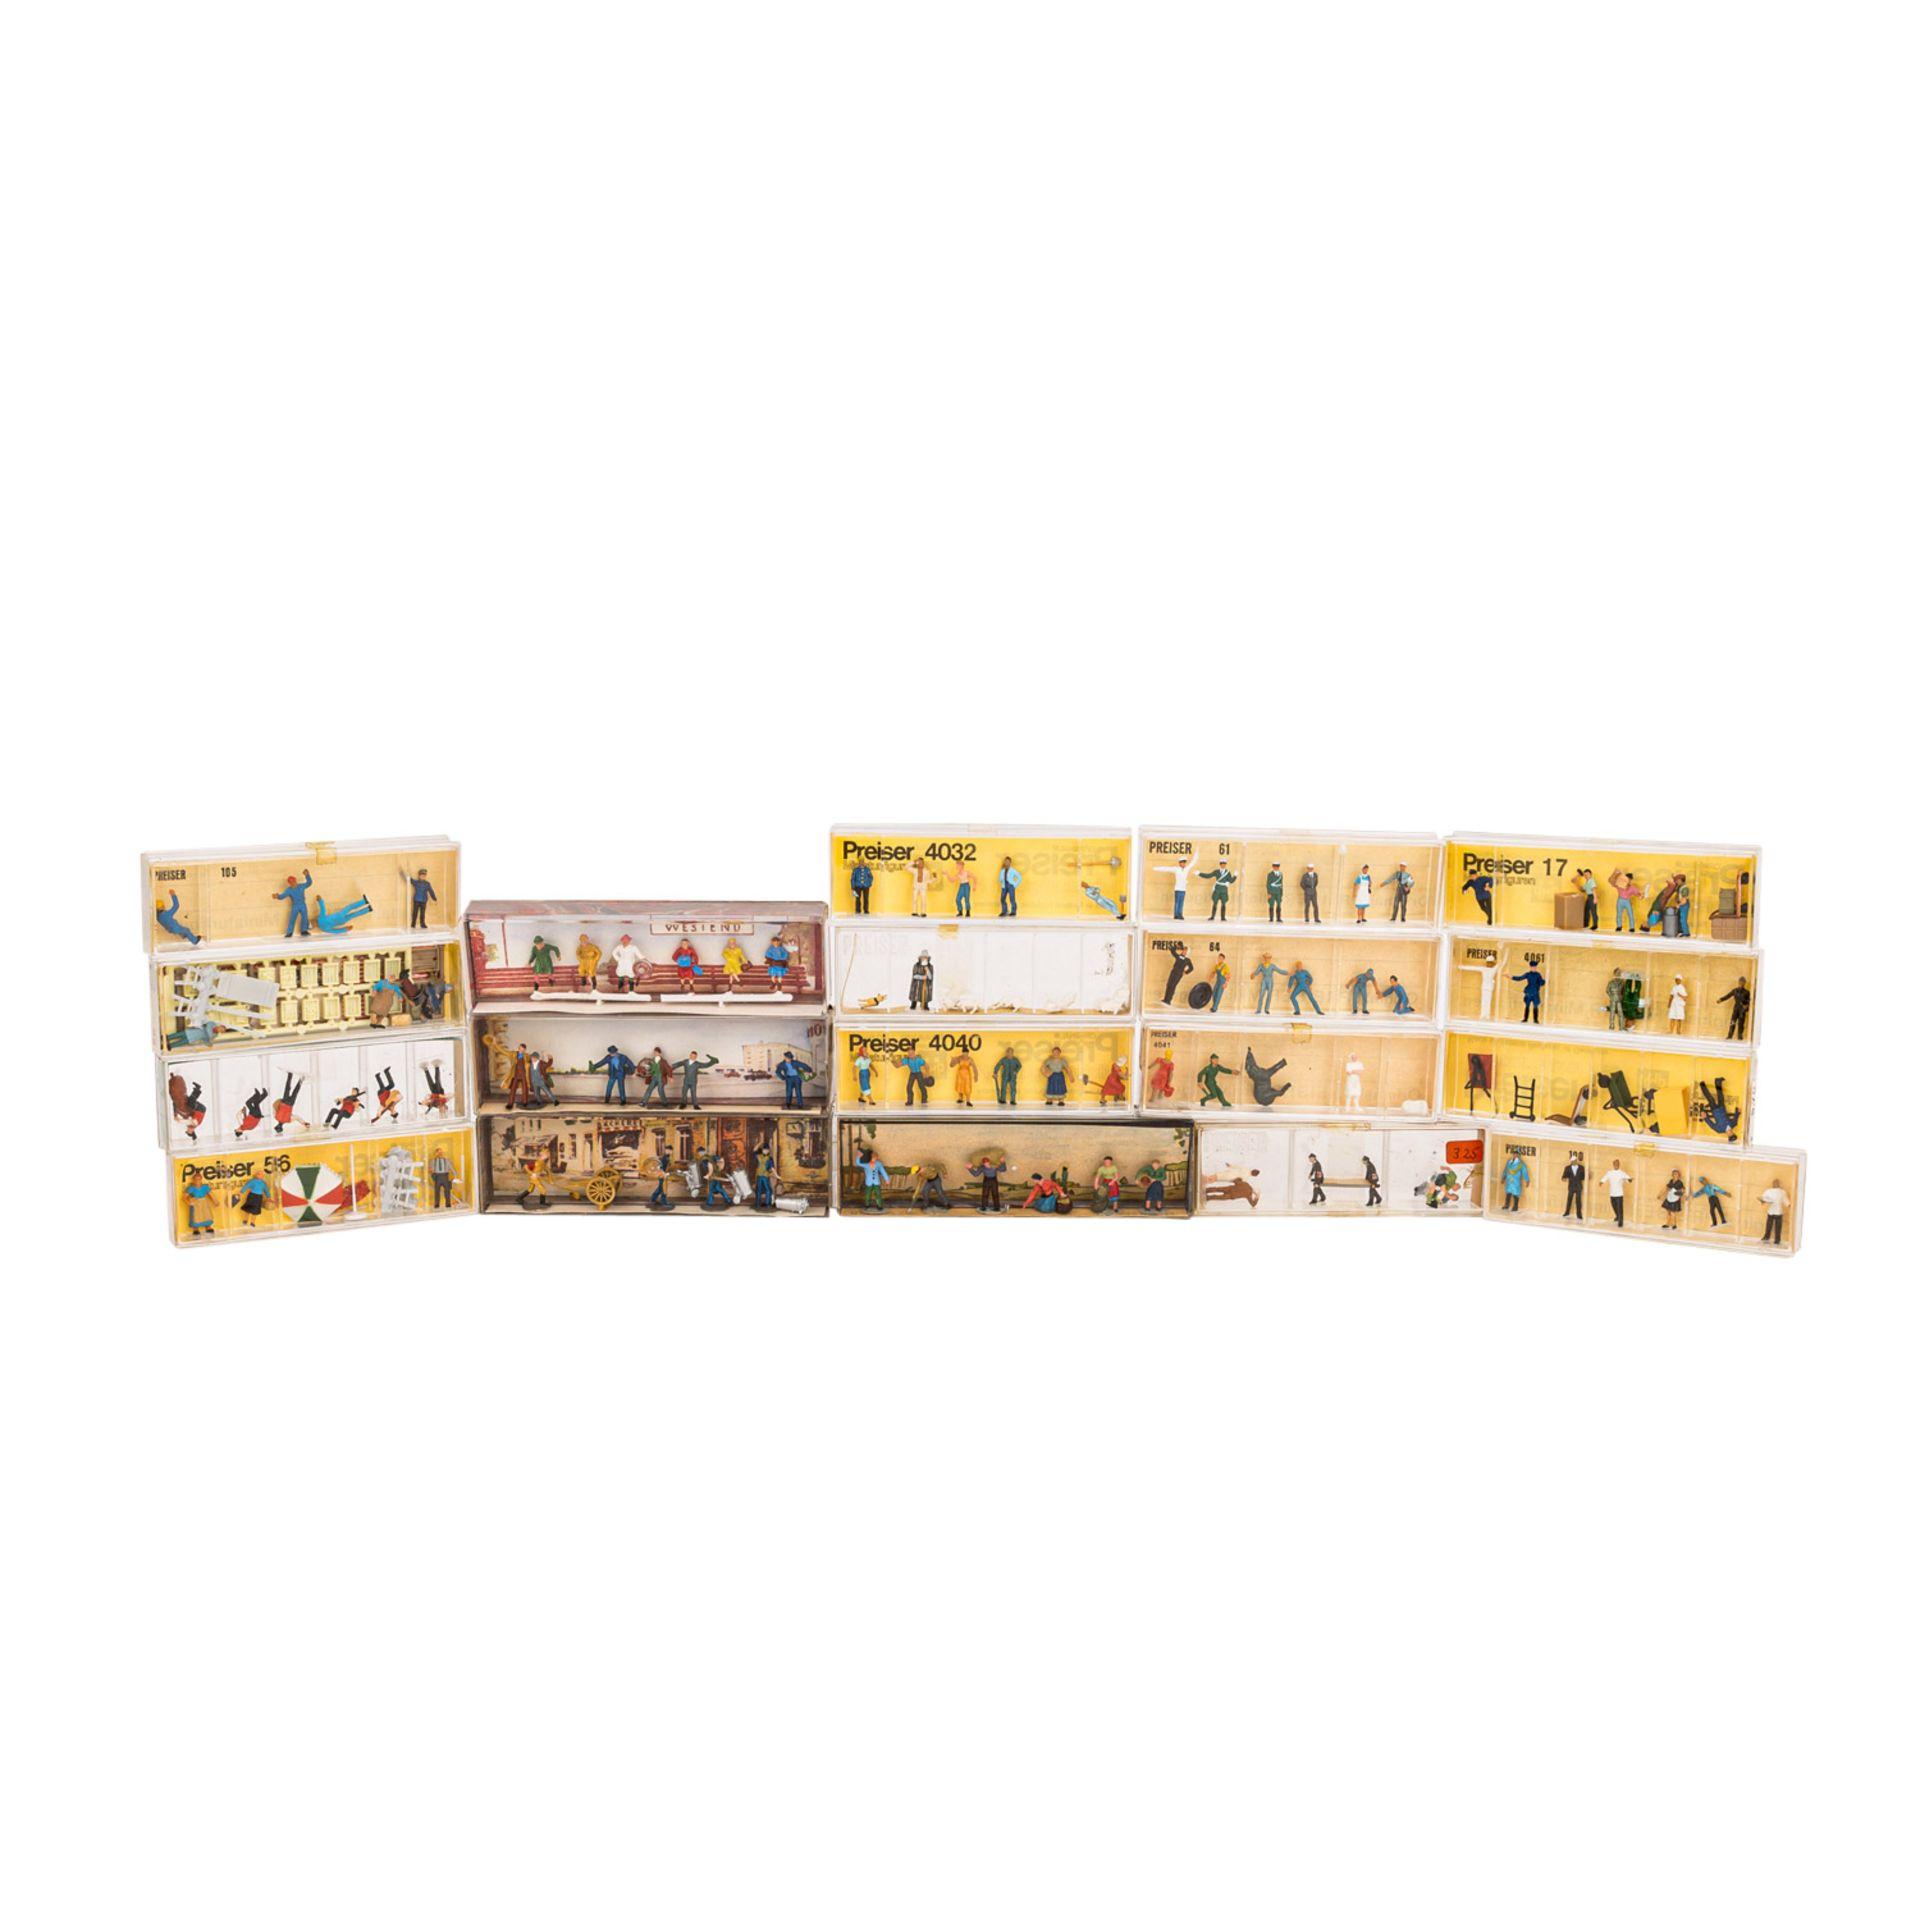 PREISER/MERTEN Konvolut von 25 Miniaturfiguren- und Zubehörsets im Maßstab H0,25 ver - Image 2 of 4